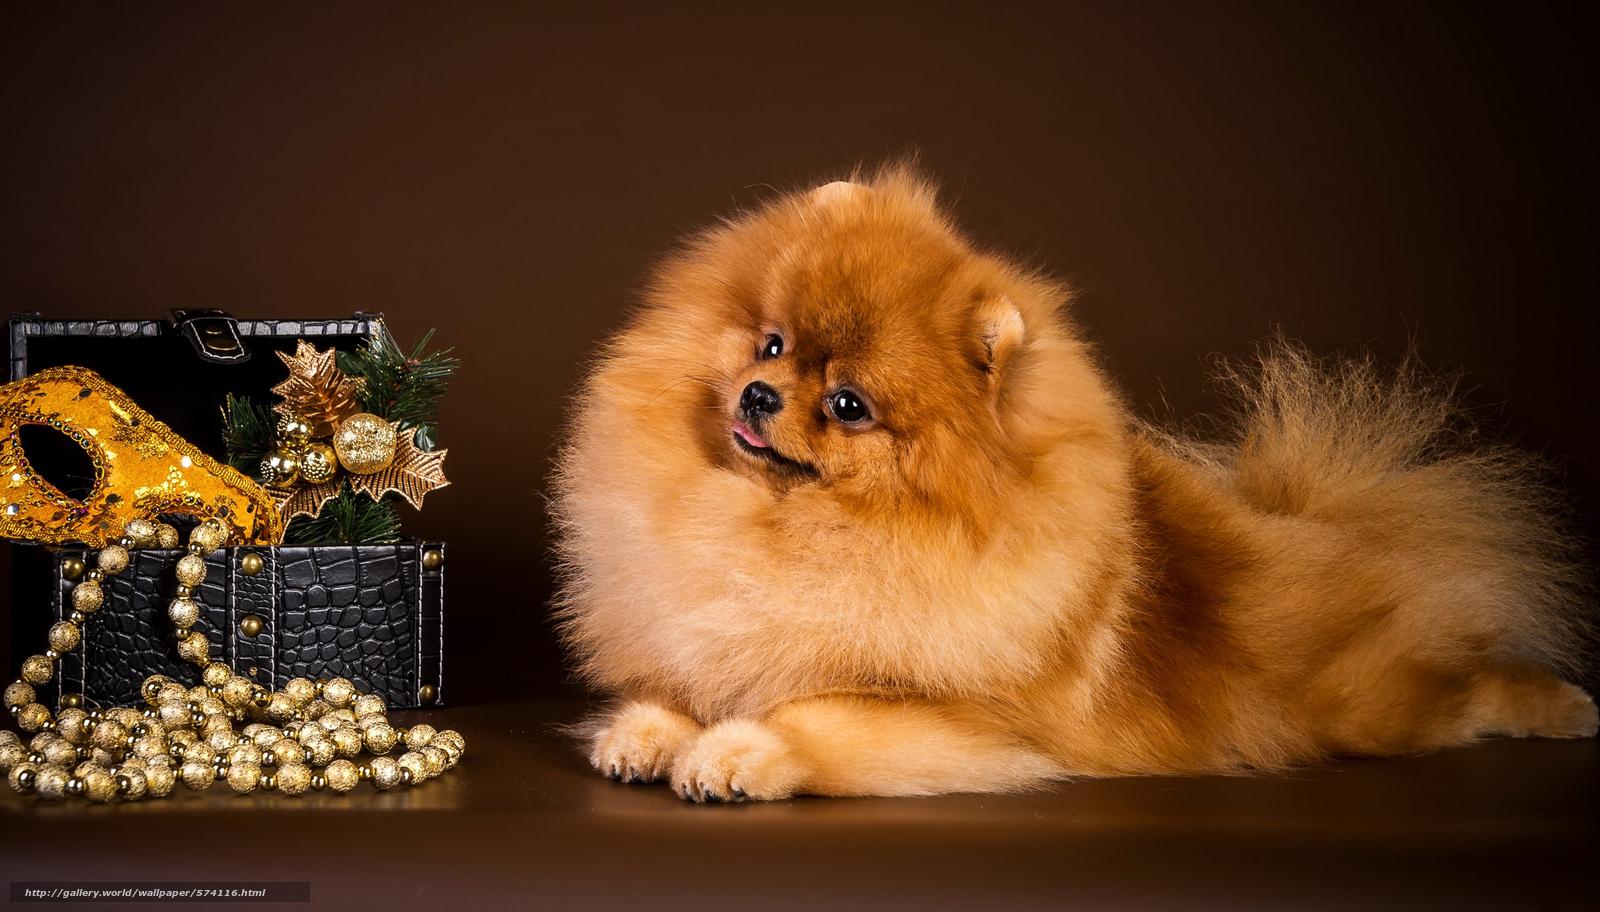 Descargar gratis máscara,  perro,  guirnalda,  perro de Pomerania Fondos de escritorio en la resolucin 2992x1706 — imagen №574116